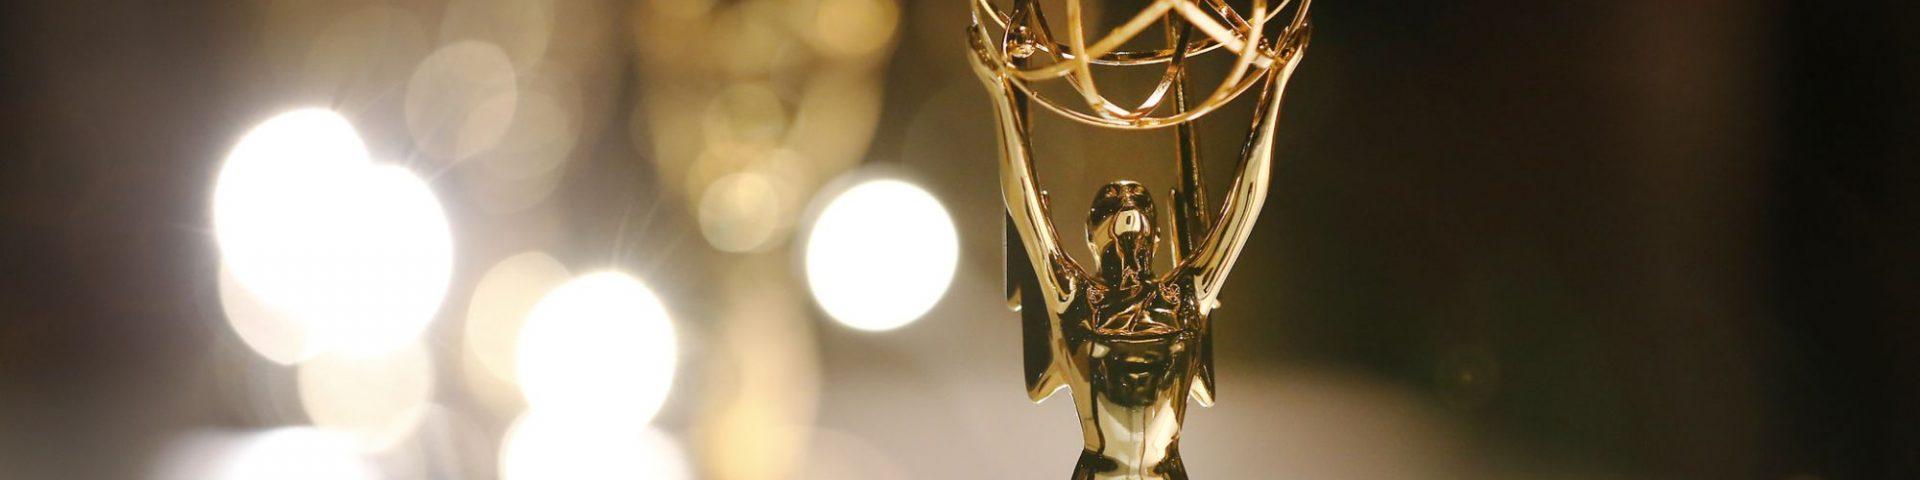 Emmy Awards 2018: vincitori e streaming